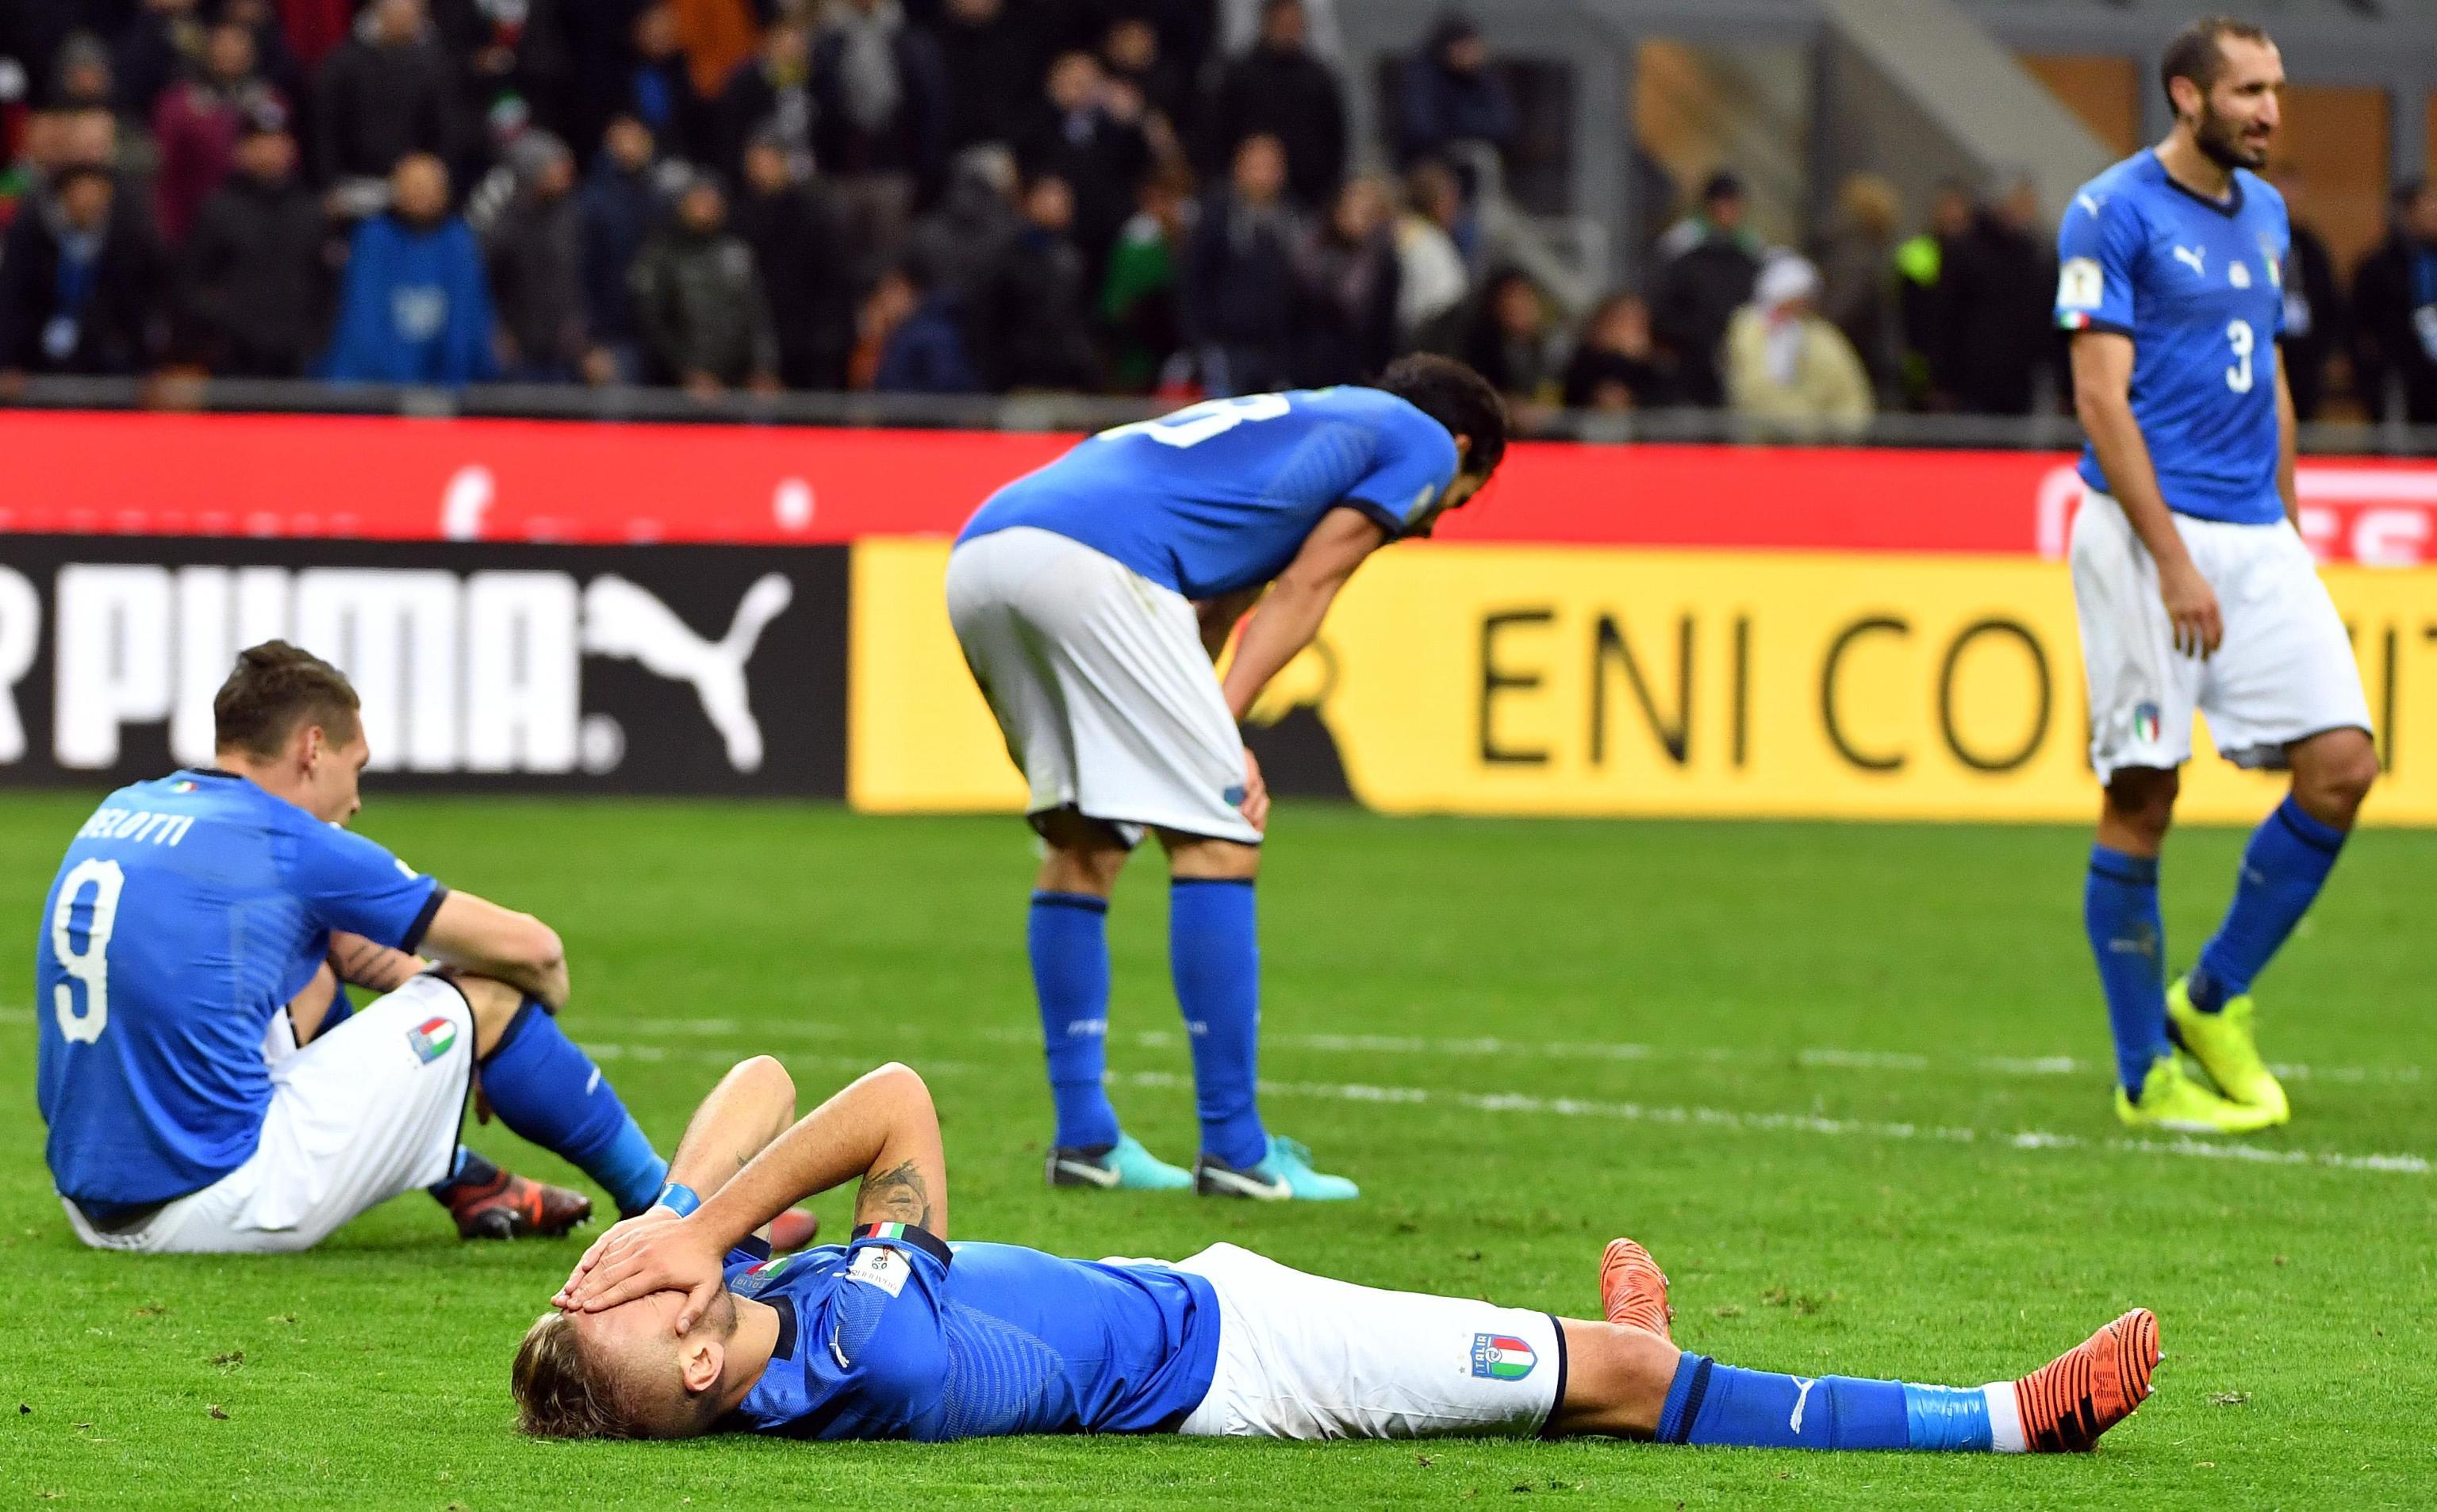 Mondiali: da Irlanda Nord a Svezia,i disastri azzurri